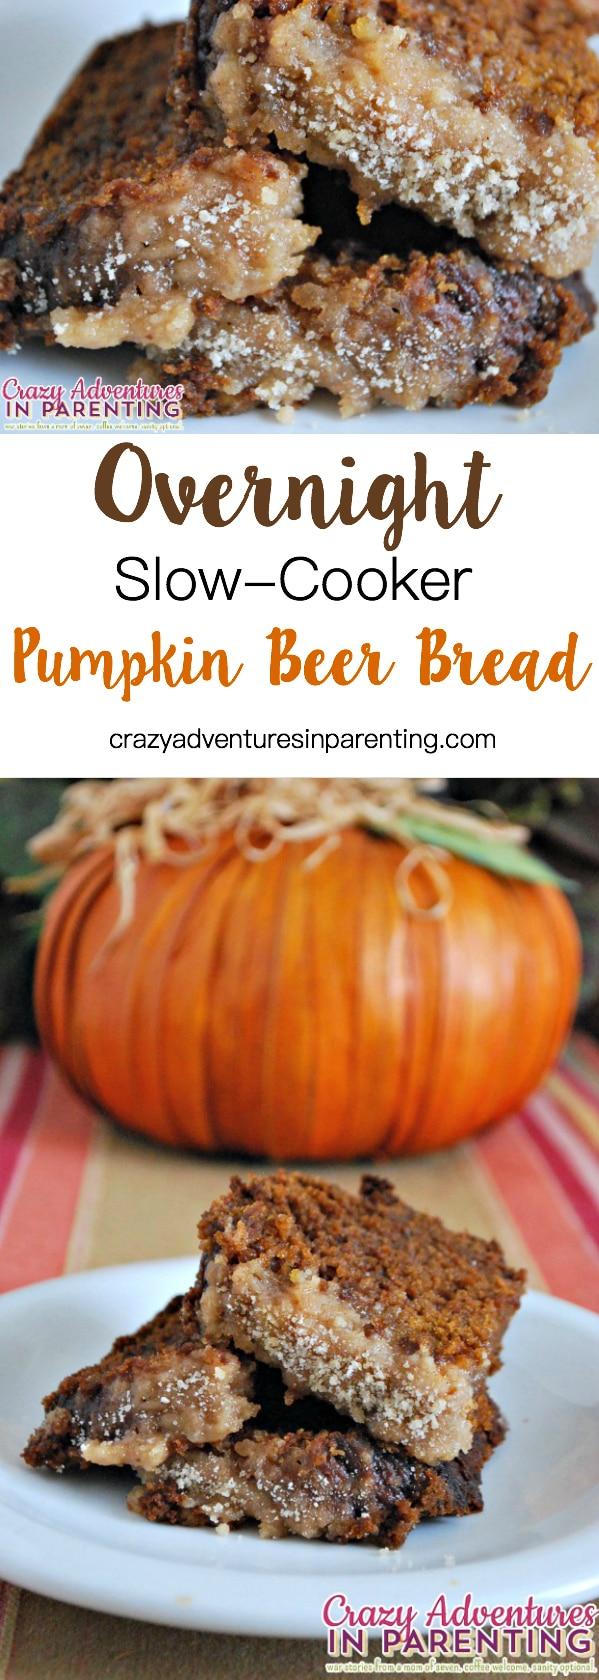 Overnight Slow Cooker Pumpkin Beer Bread